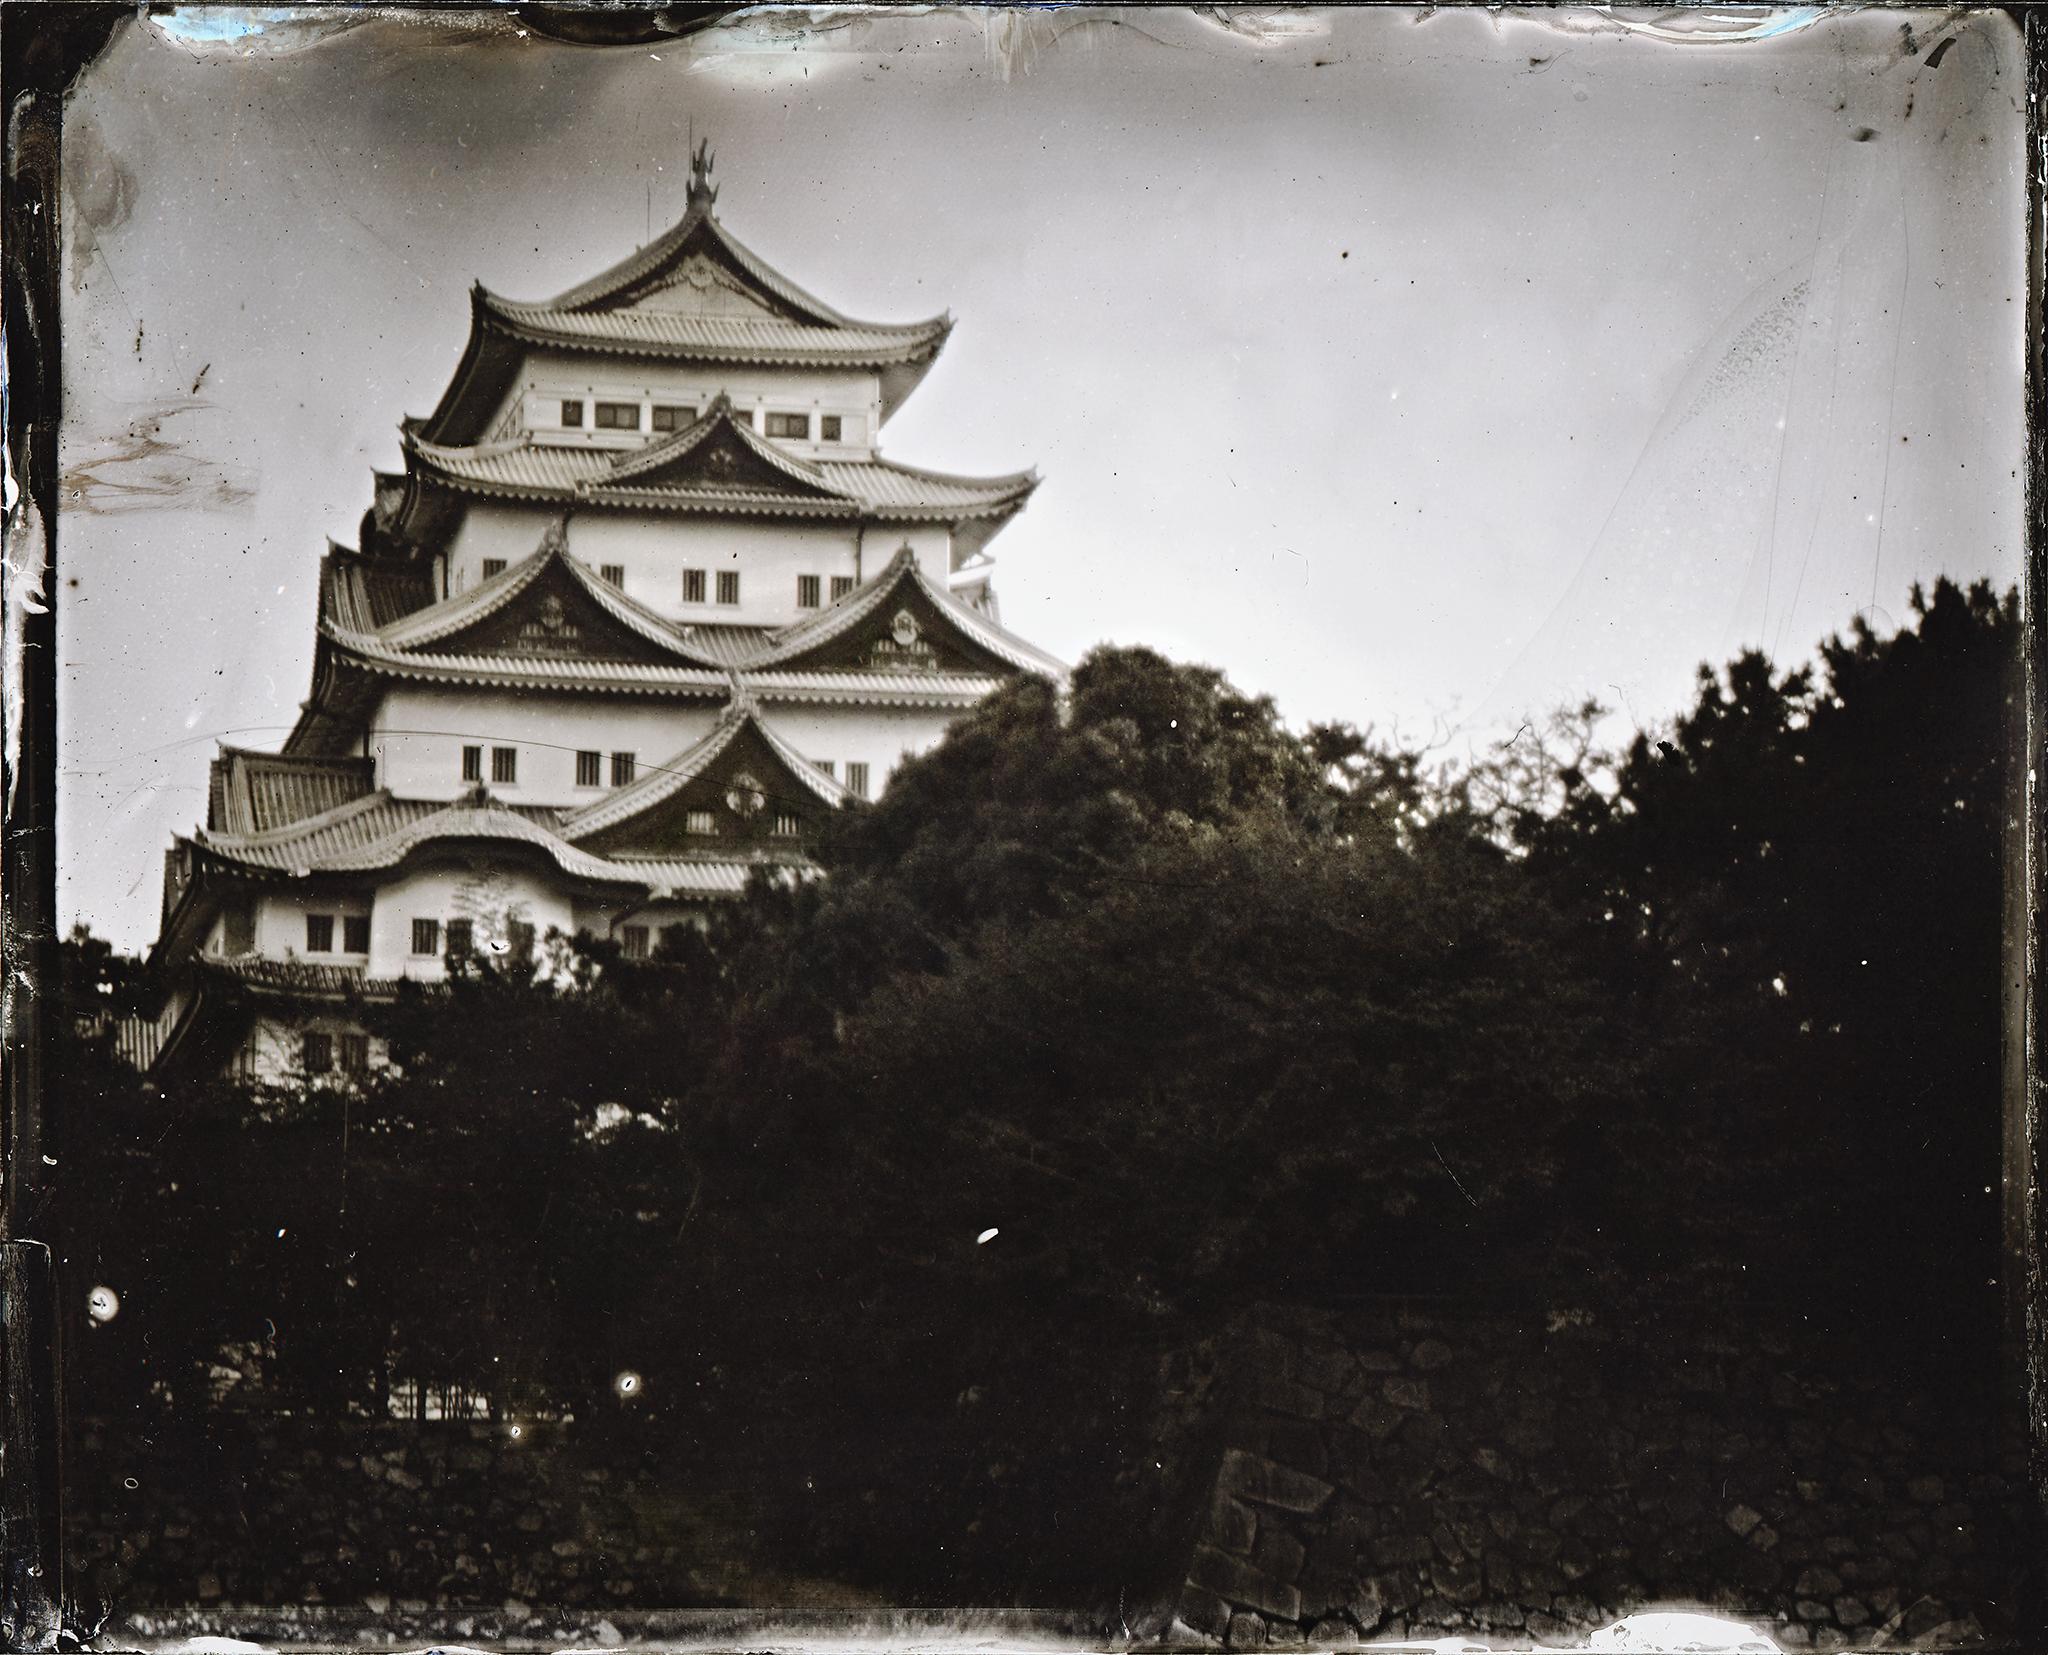 Nagoya Castle / 名古屋城